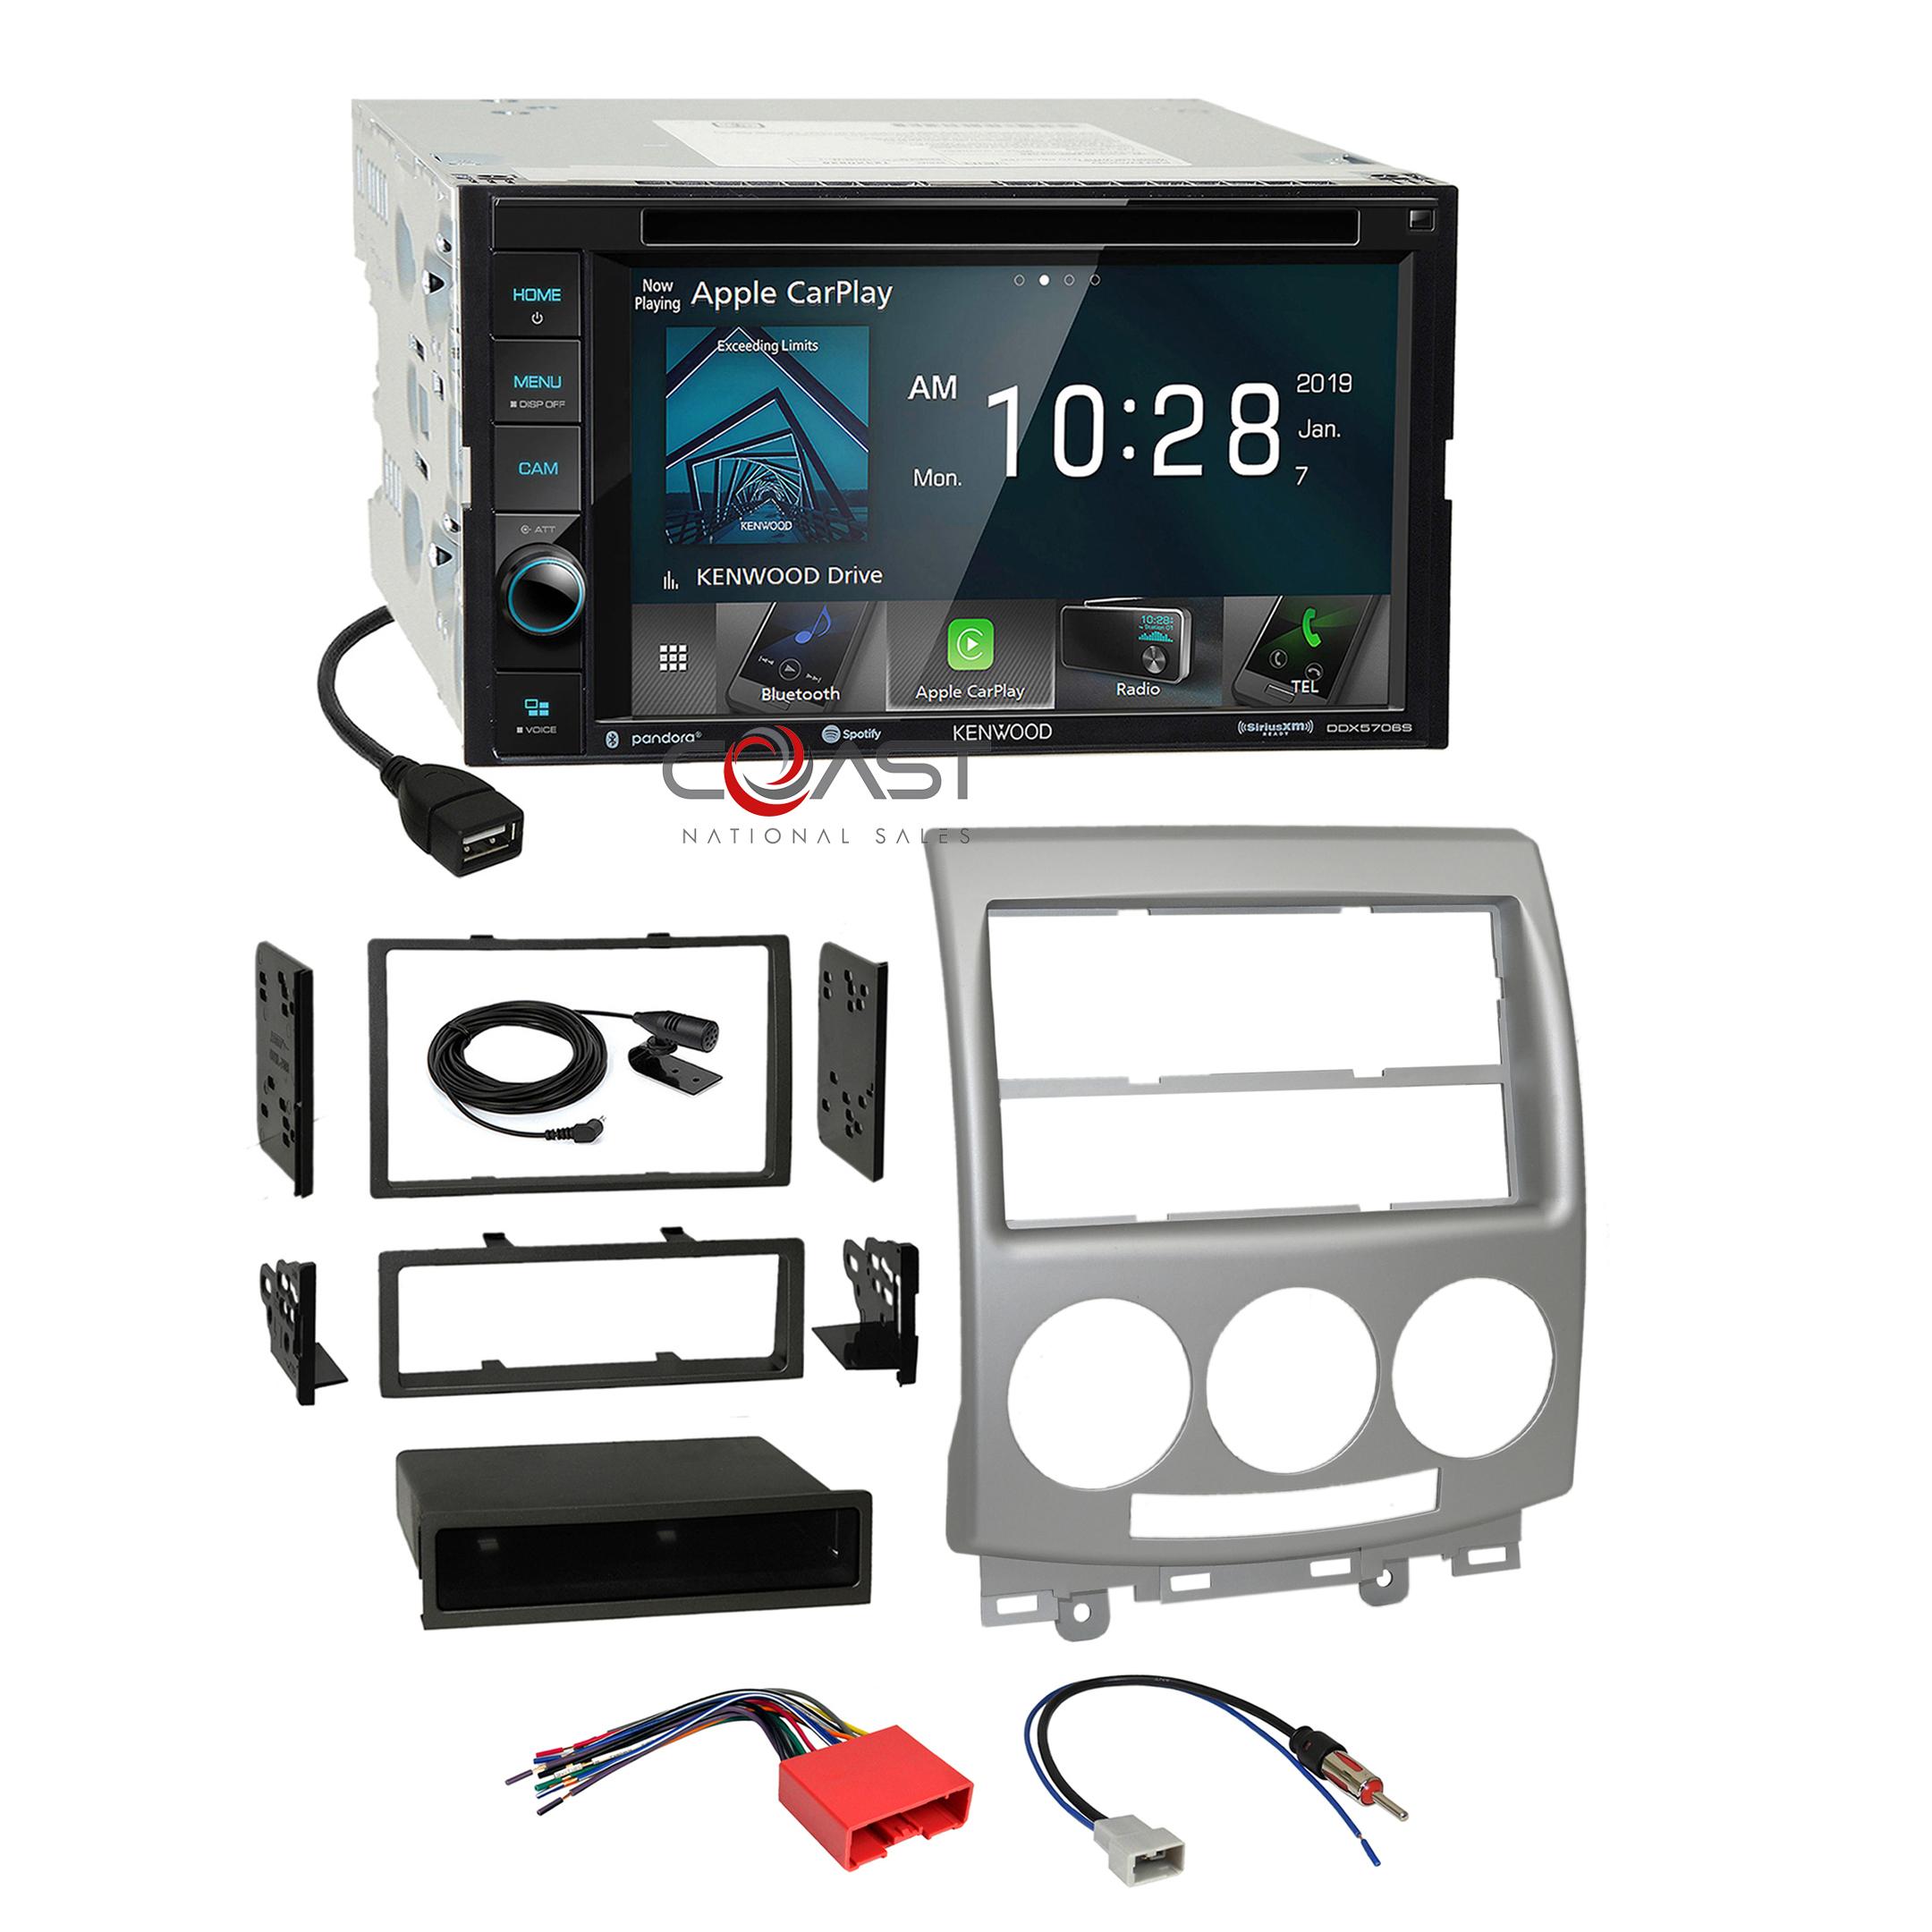 Details about Kenwood DVD Spotify Sirius Carplay Stereo Dash Kit Harness on kenwood instruction manual, kenwood ddx6019, kenwood power supply, kenwood remote control, kenwood wiring-diagram,